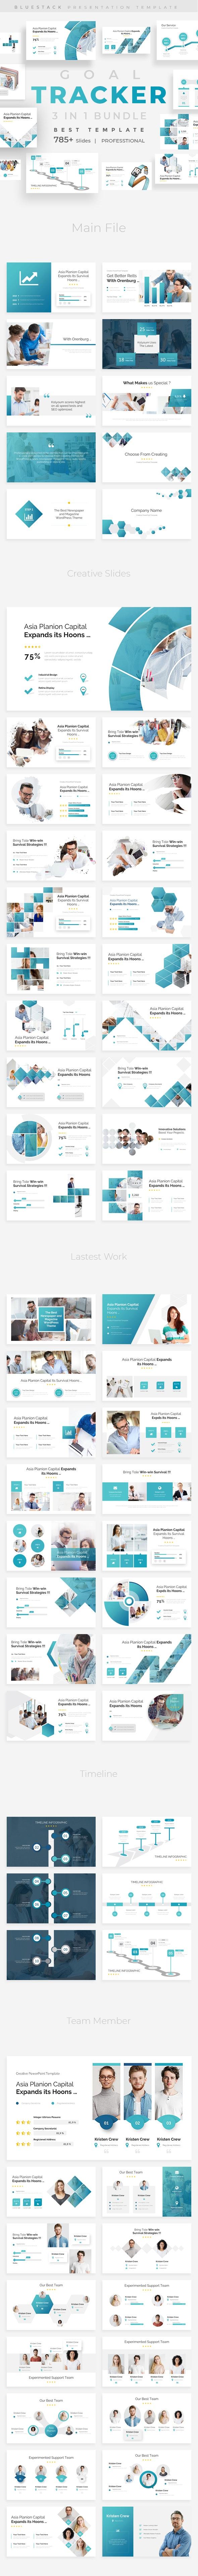 Goals Tracker 3 in 1 Pitch Deck Bundle Powerpoint Template Template - Business PowerPoint Templates